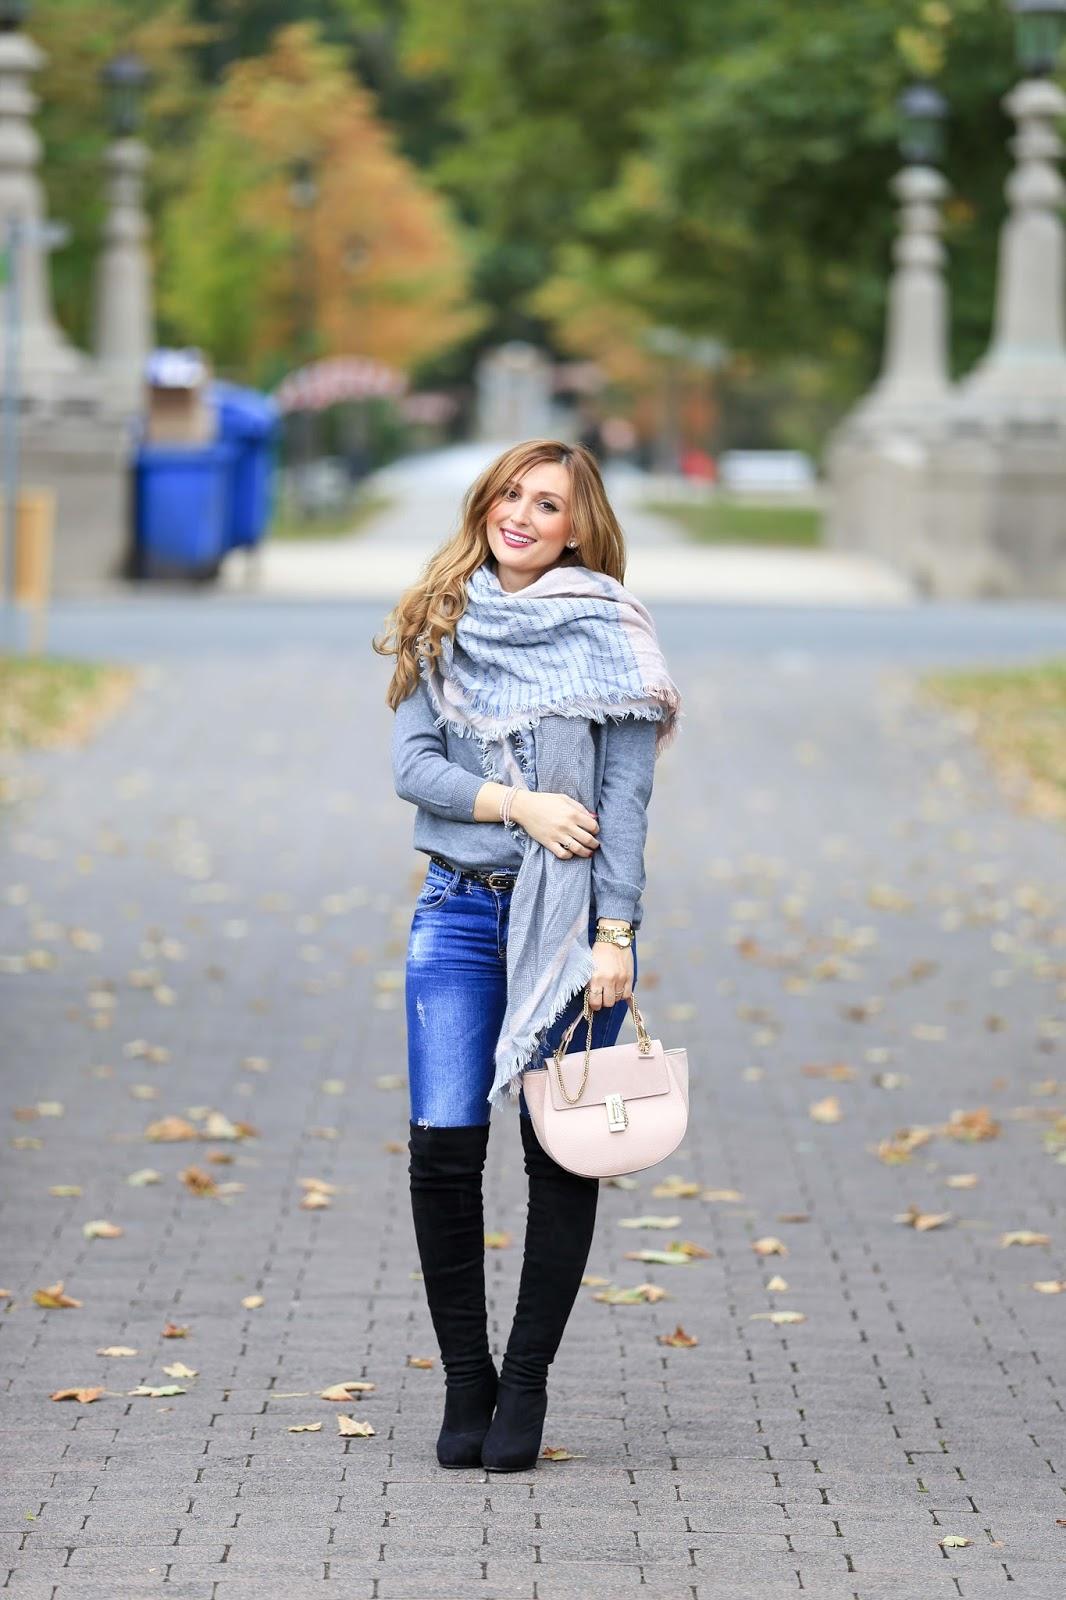 Rosa Schal kombinieren-Fashionstylebyjohanna-Chloé Tasche-Lookalike Chloé.My Colloseum-Colloseum-grauer Pullover-xxl schal kombinieren-schwarze overknees-blogger aus Deutschland-deutsche Fashionblogger